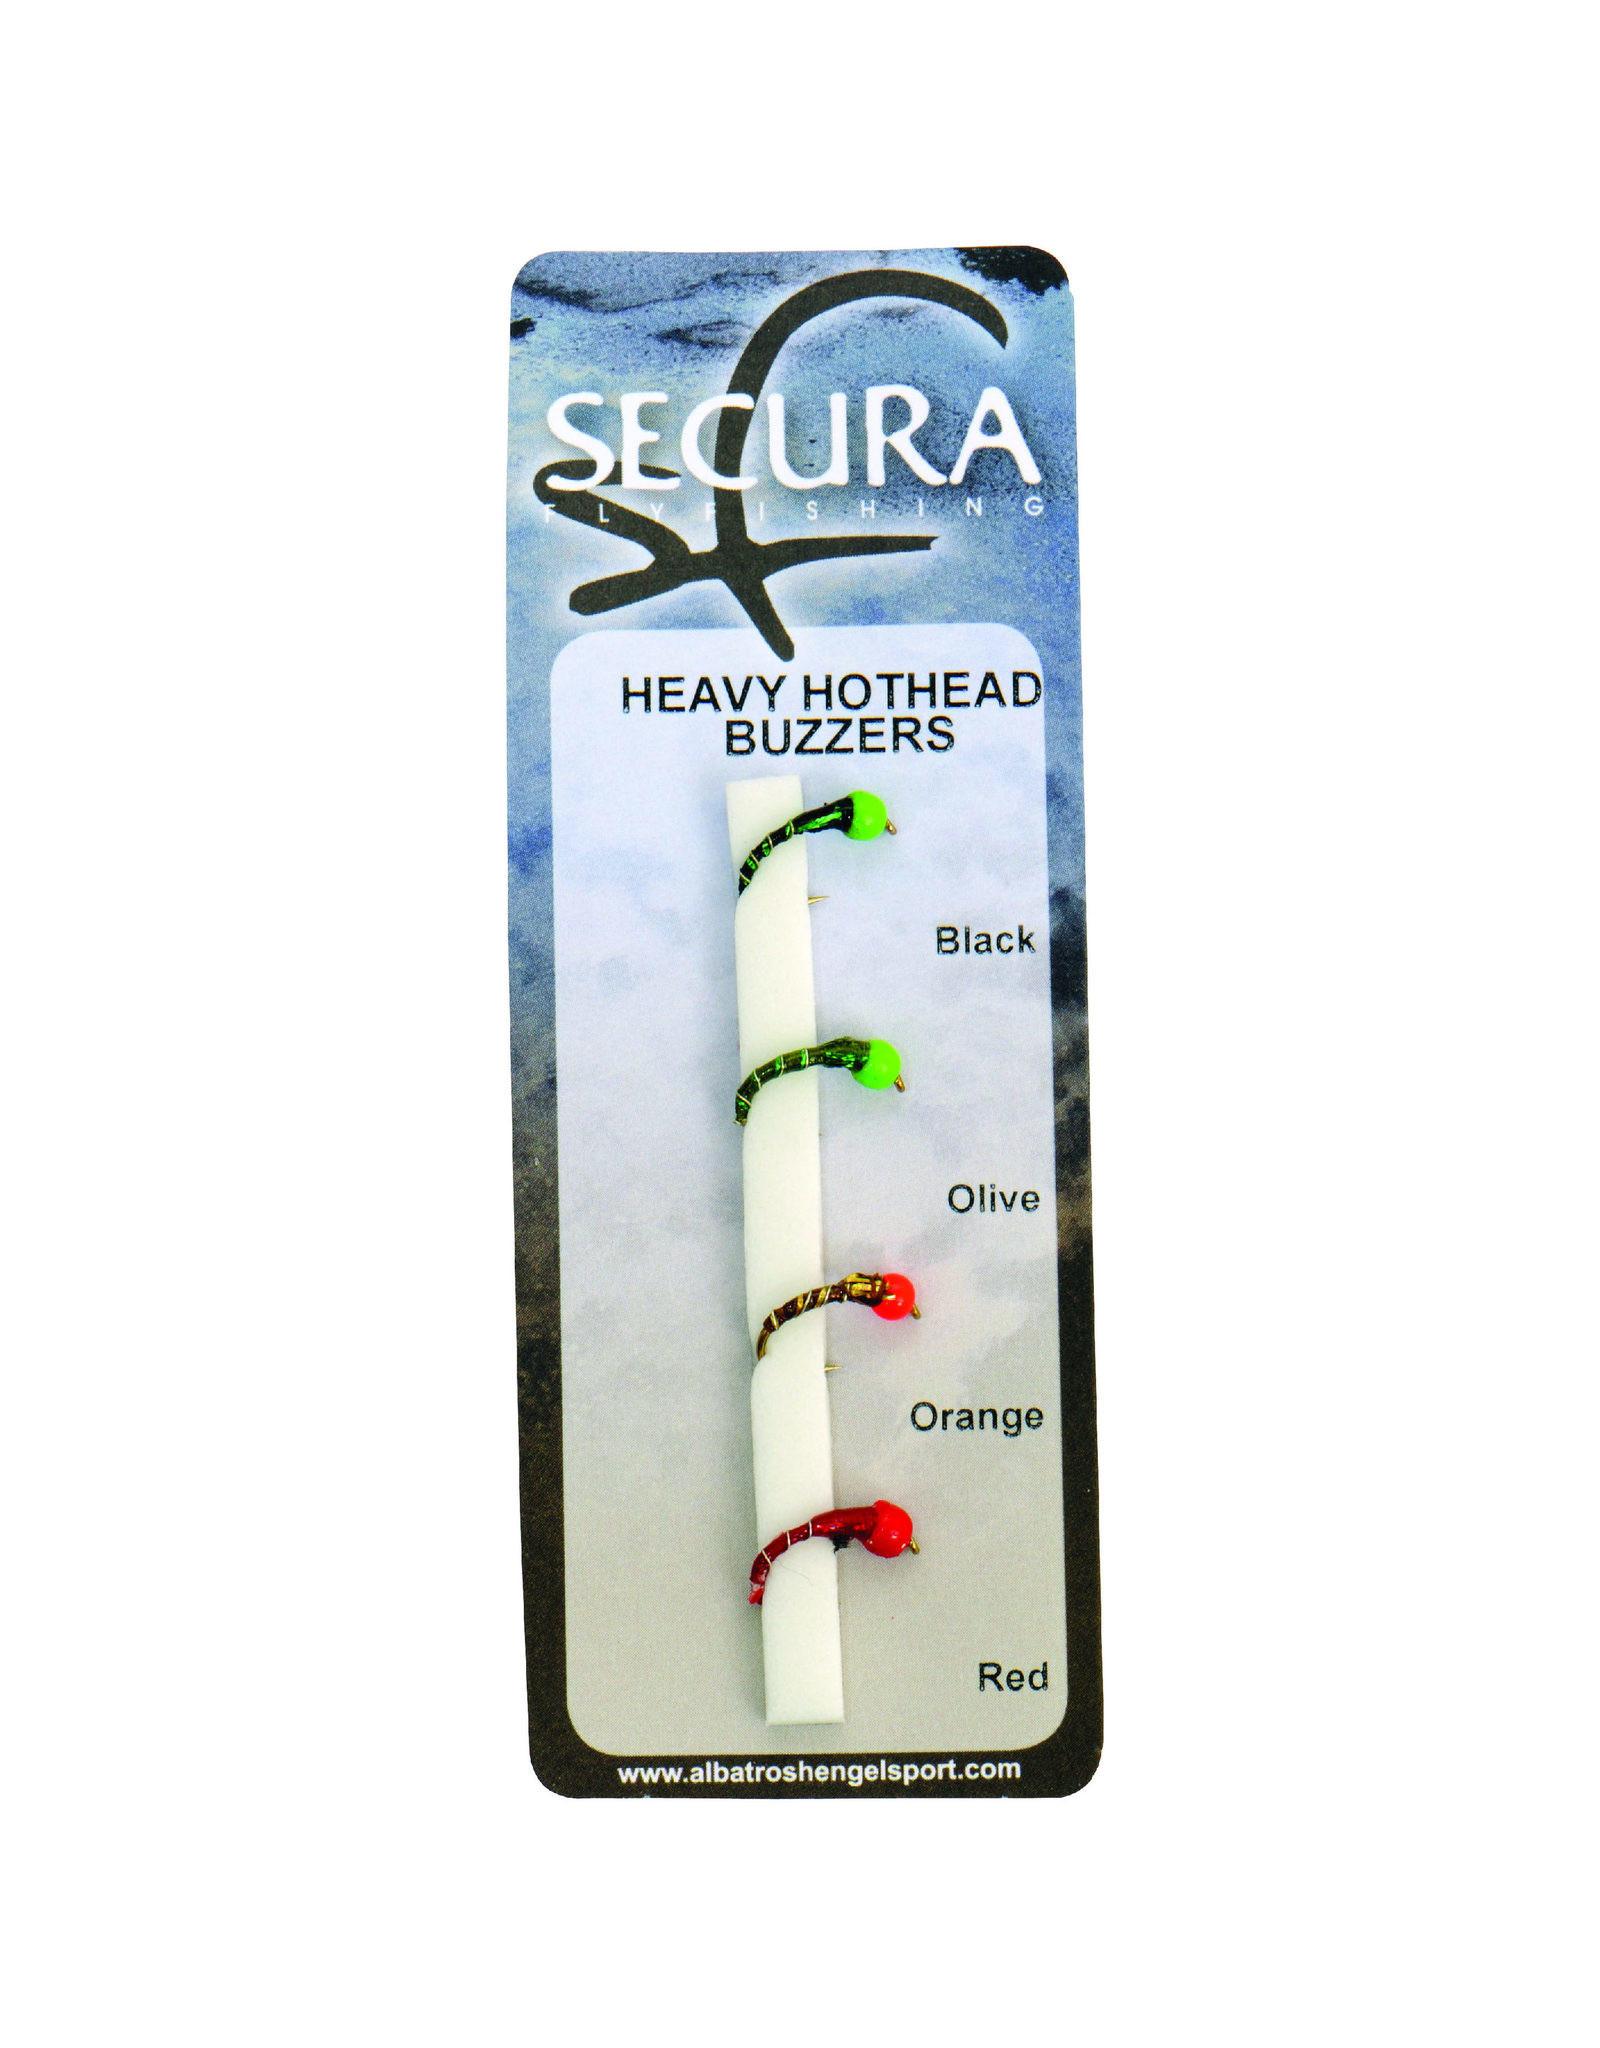 secura Secura Heavy Hothead Buzzers